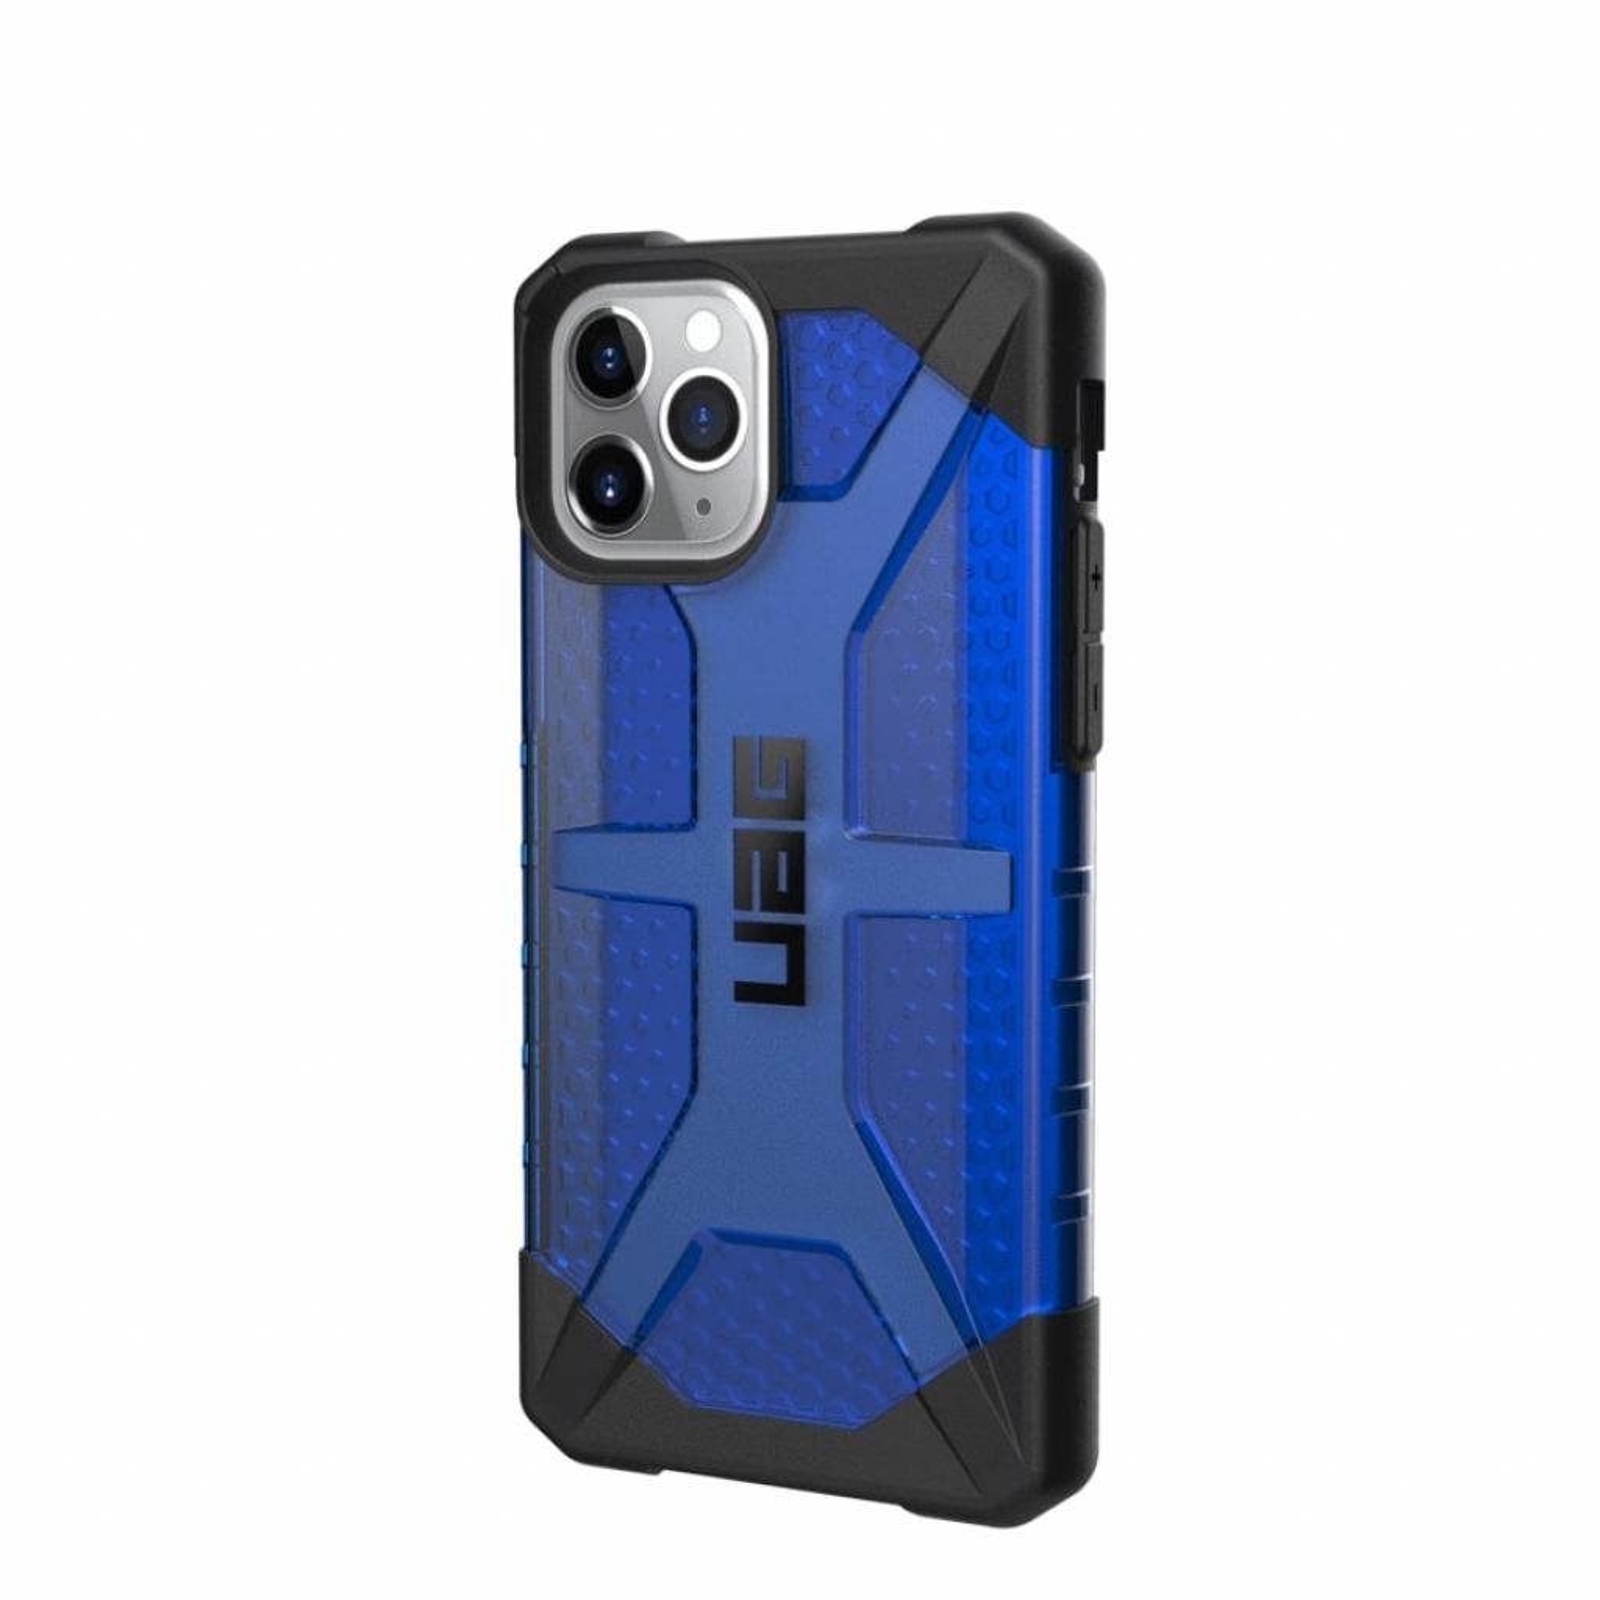 Чехол для моб. телефона Uag iPhone 11 Pro Plasma, Ash (111703113131) изображение 2